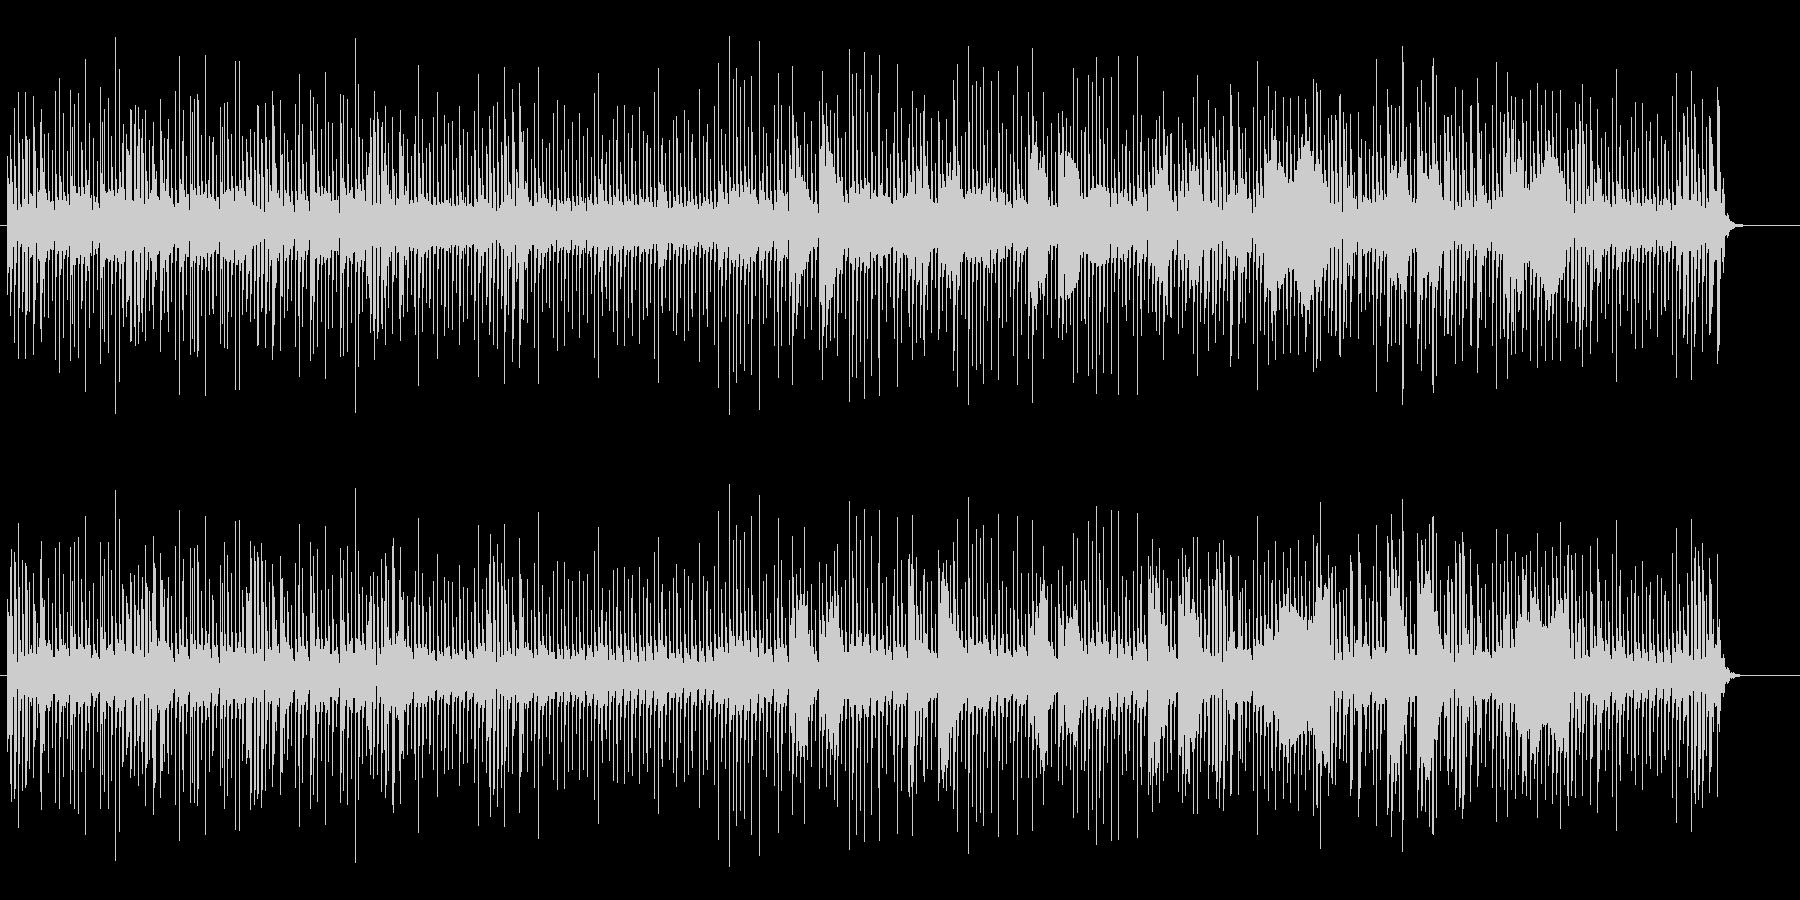 ユニークな響きのミュージックの未再生の波形